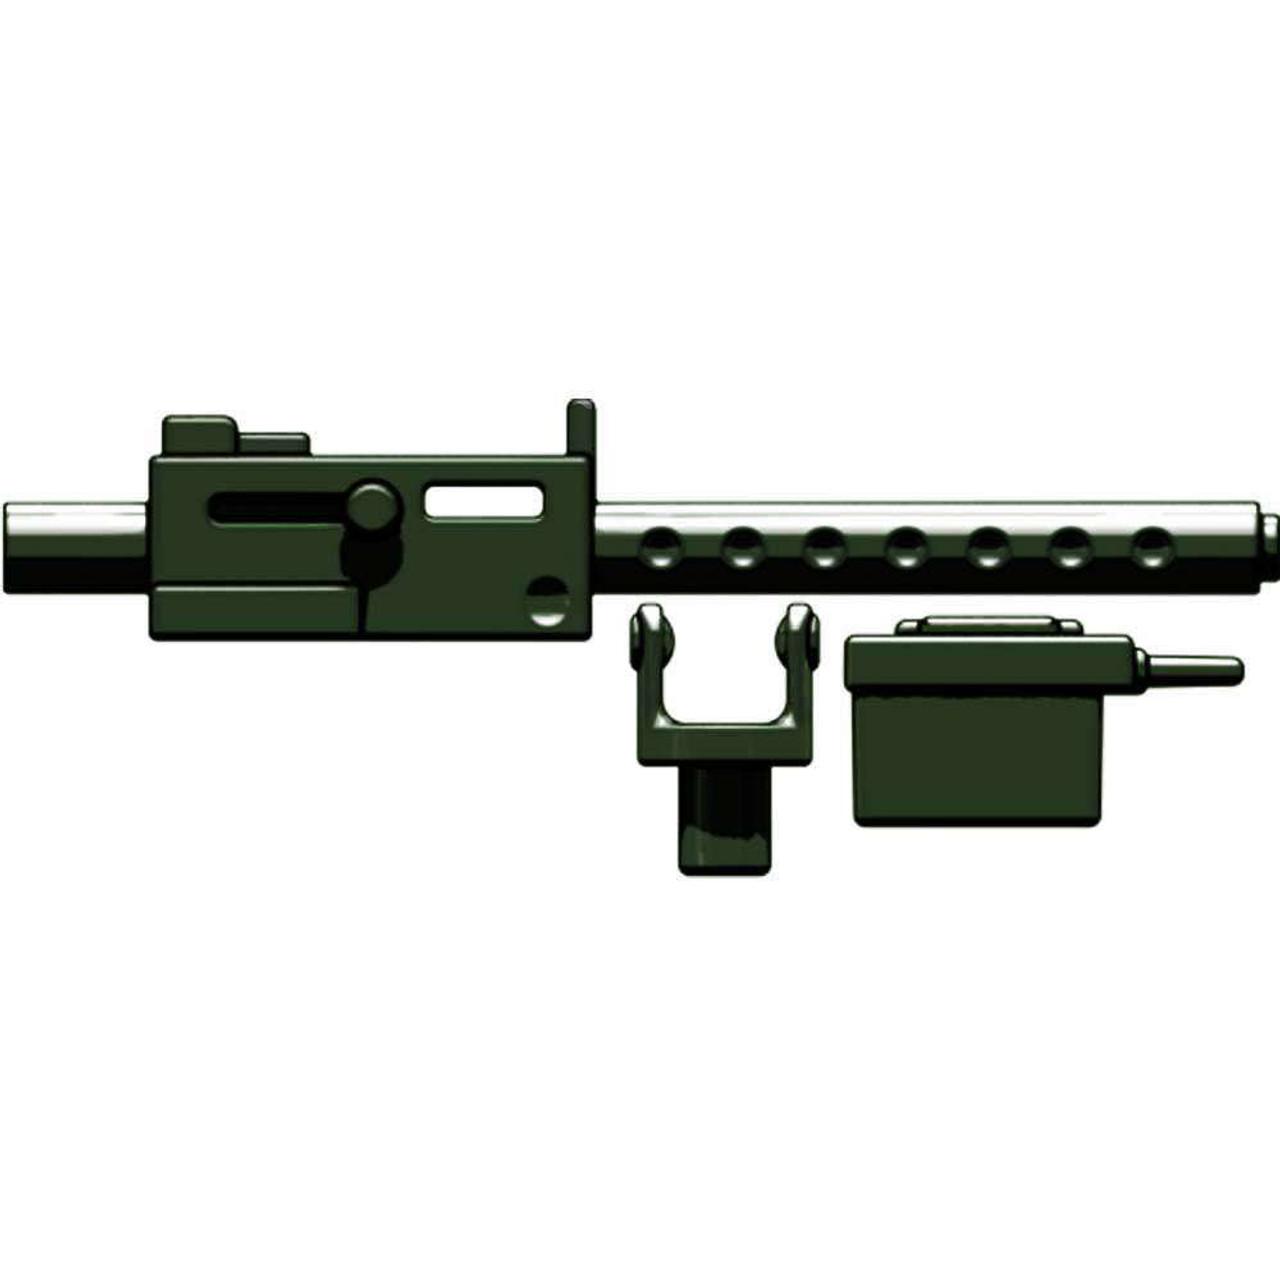 BrickArms M1919 Machine Gun 2 5-Inch [Dark Olive Green]